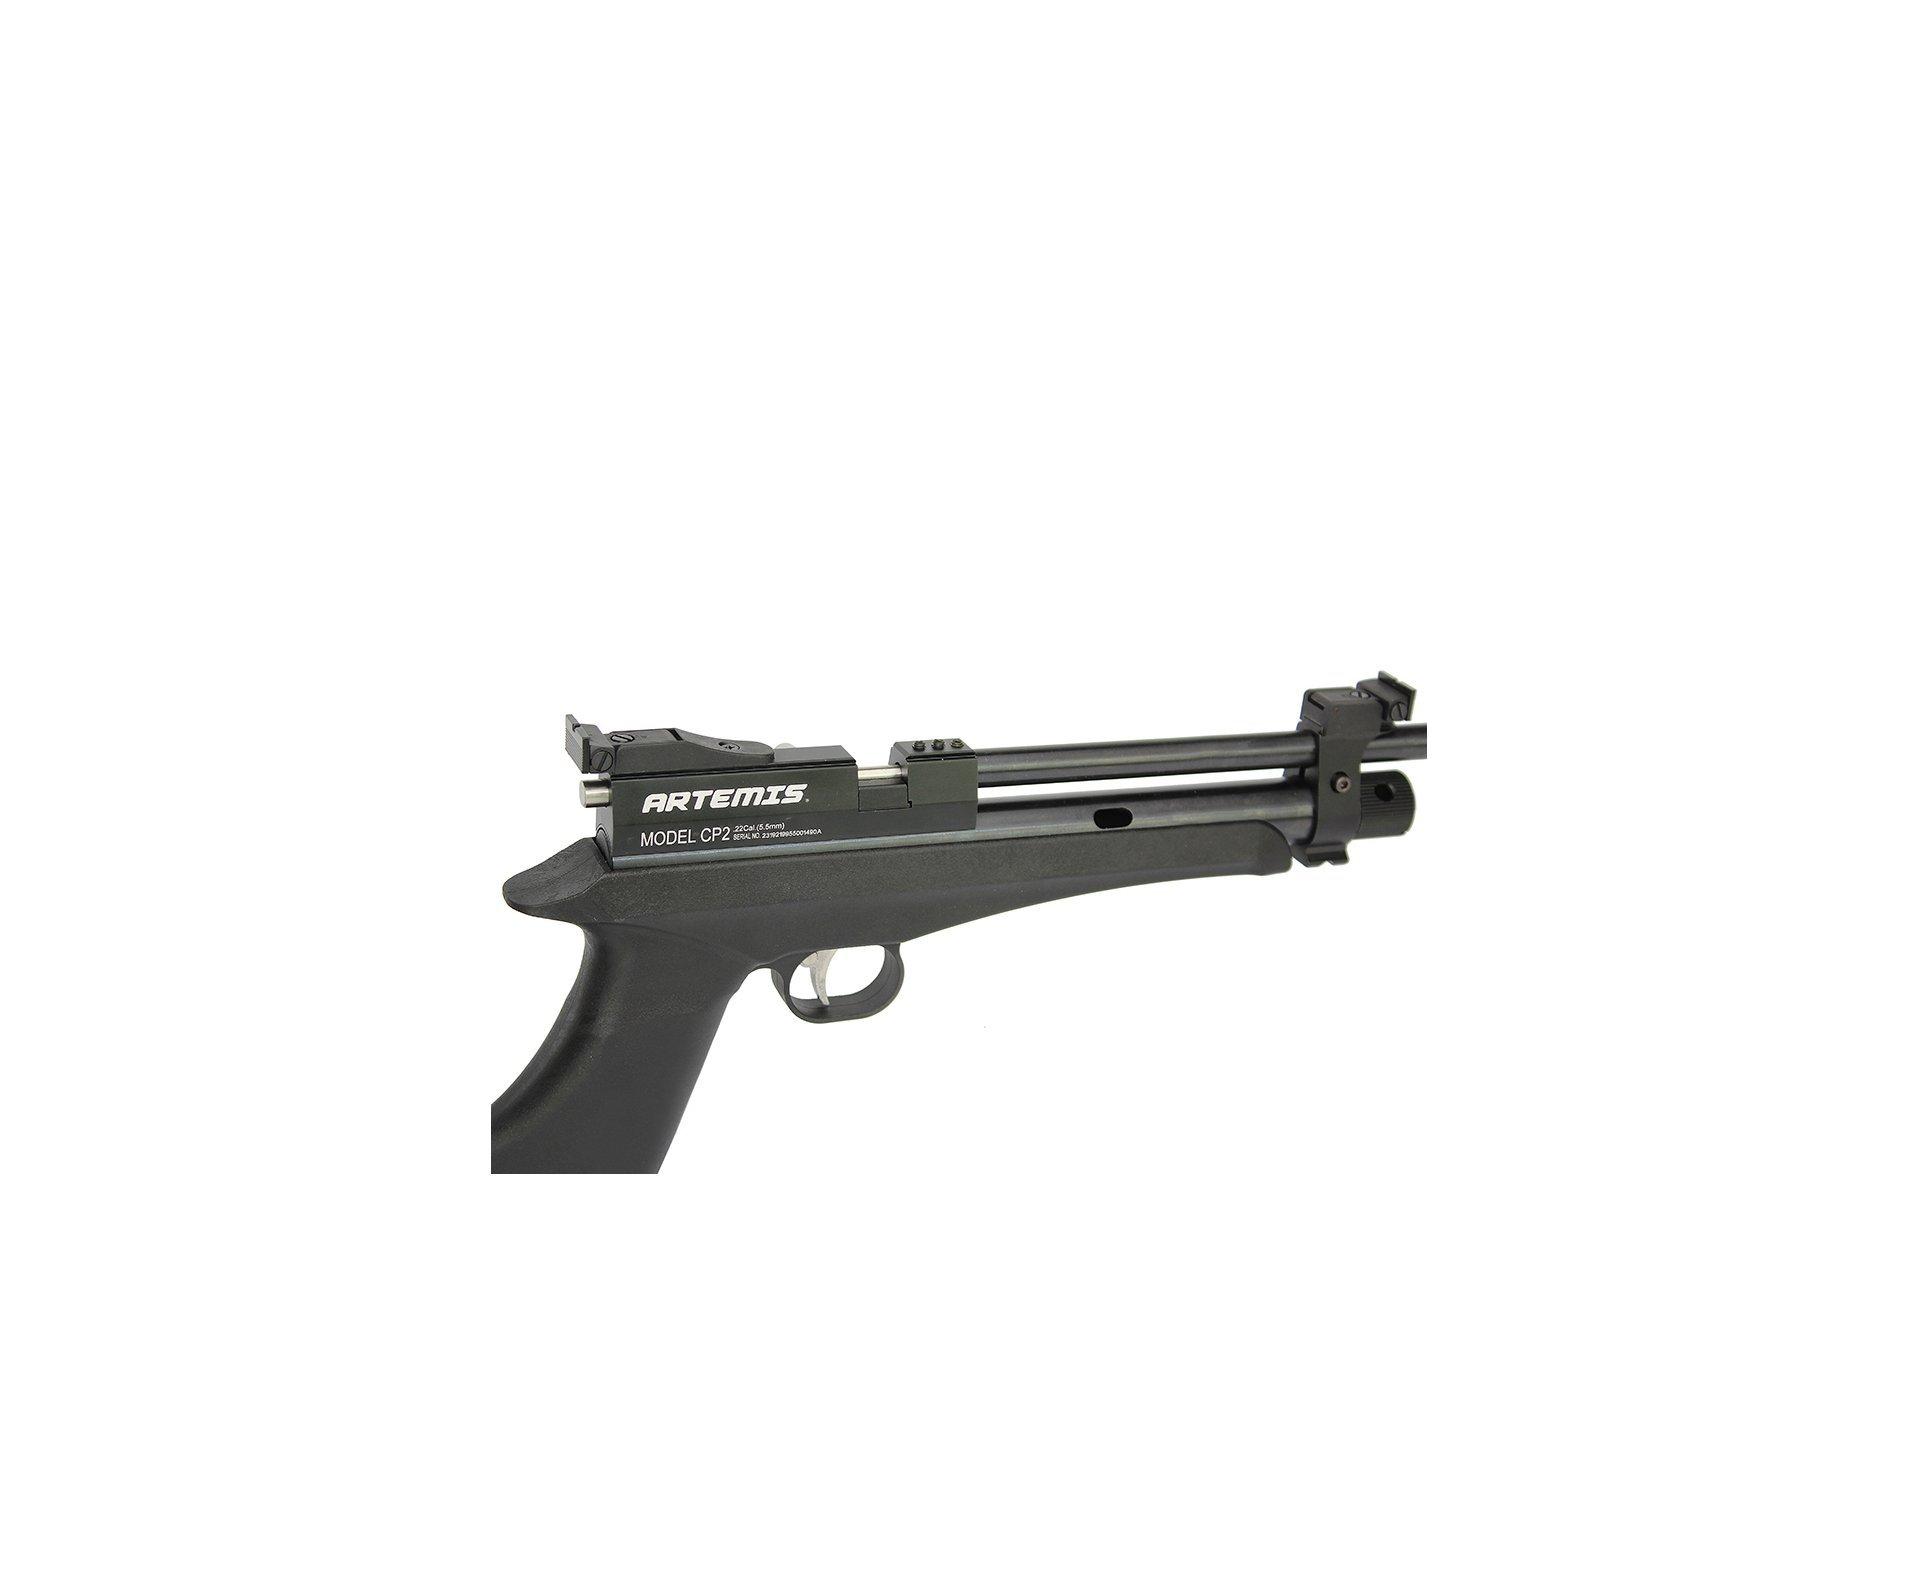 Carabina De Pressão Co2 Cp2 Hibrida Artemis 5,5mm